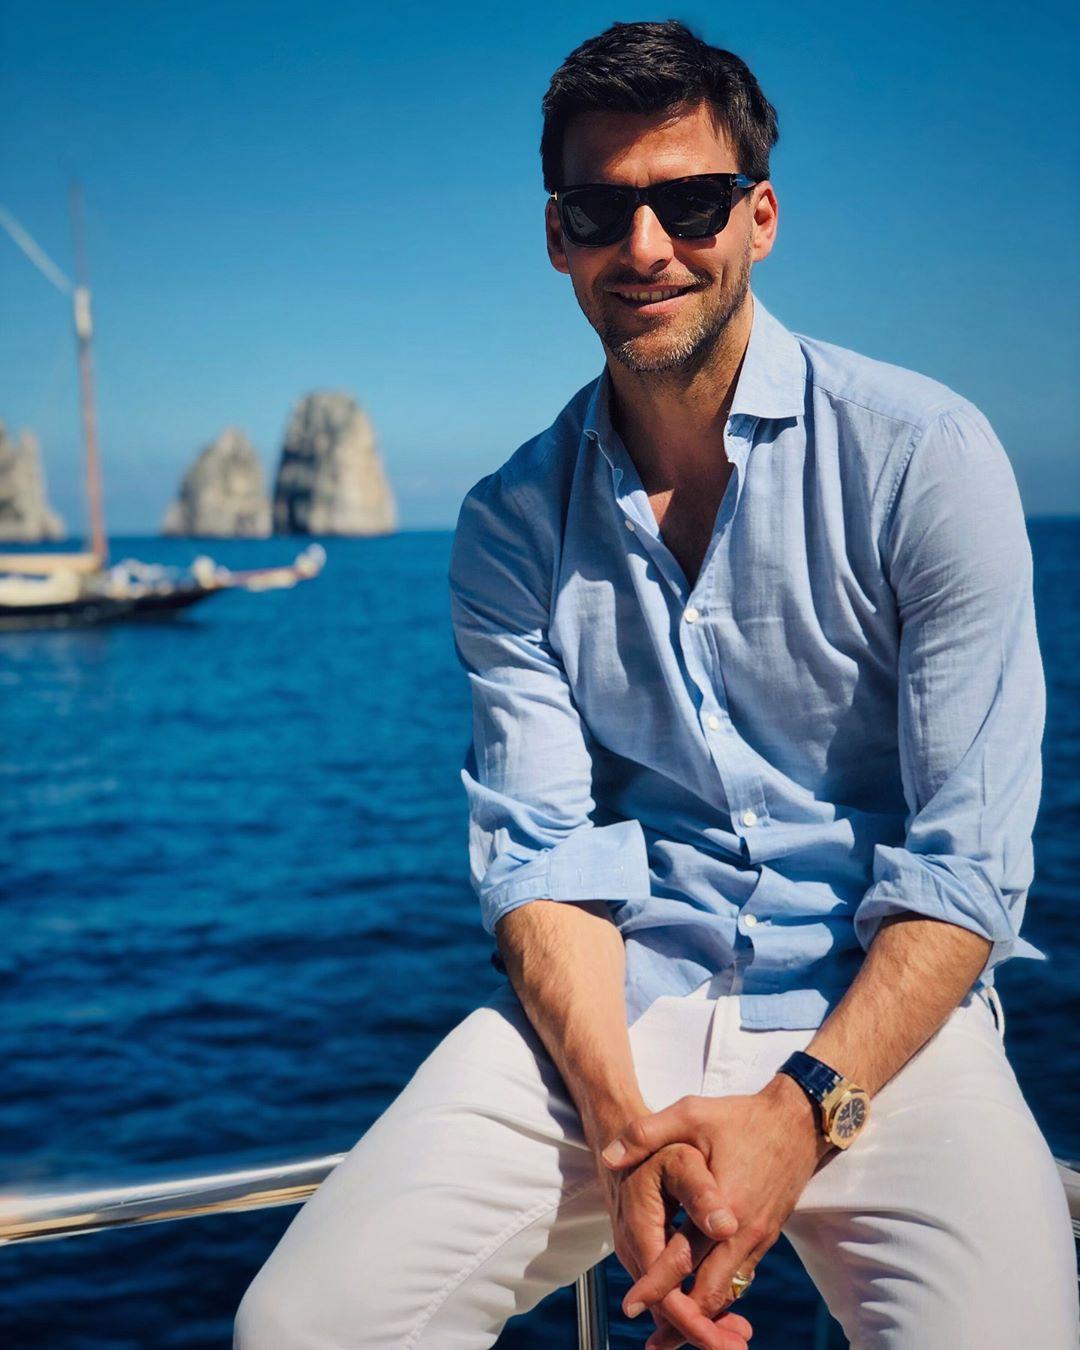 ホワイトパンツ&ブルーシャツ